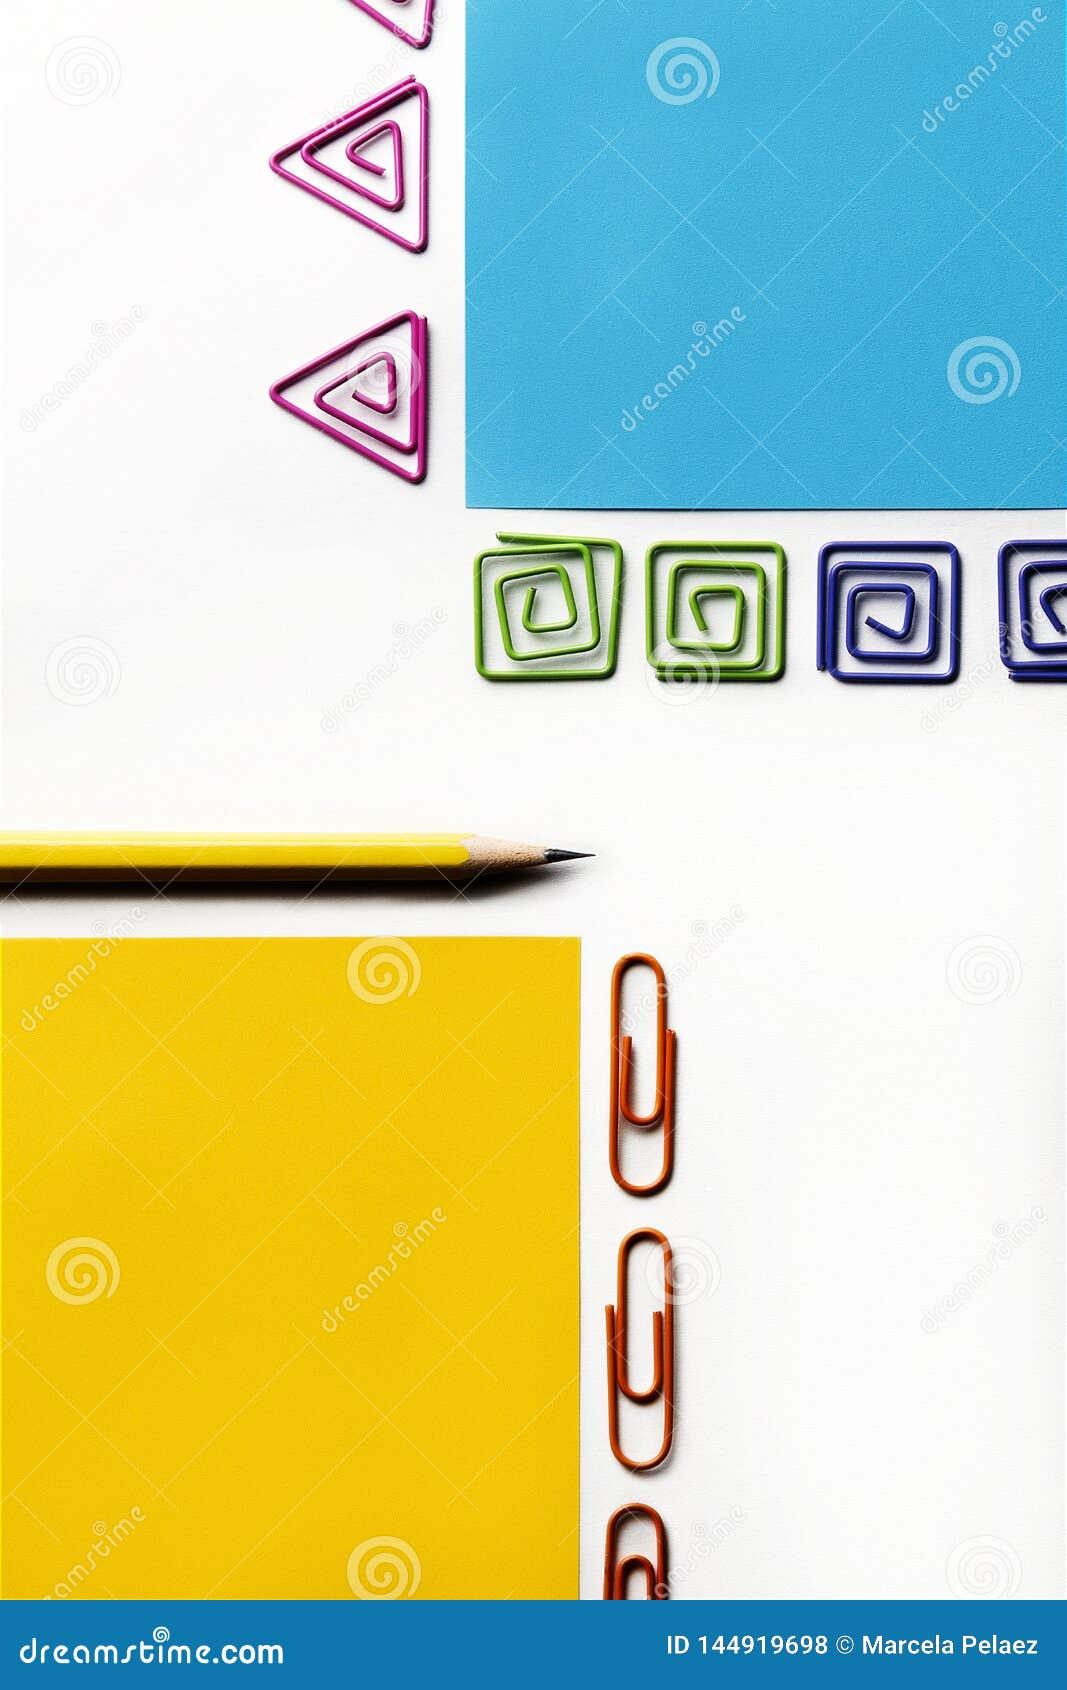 Lápis amarelo com papel azul e amarelo e os grampos coloridos de formas diferentes